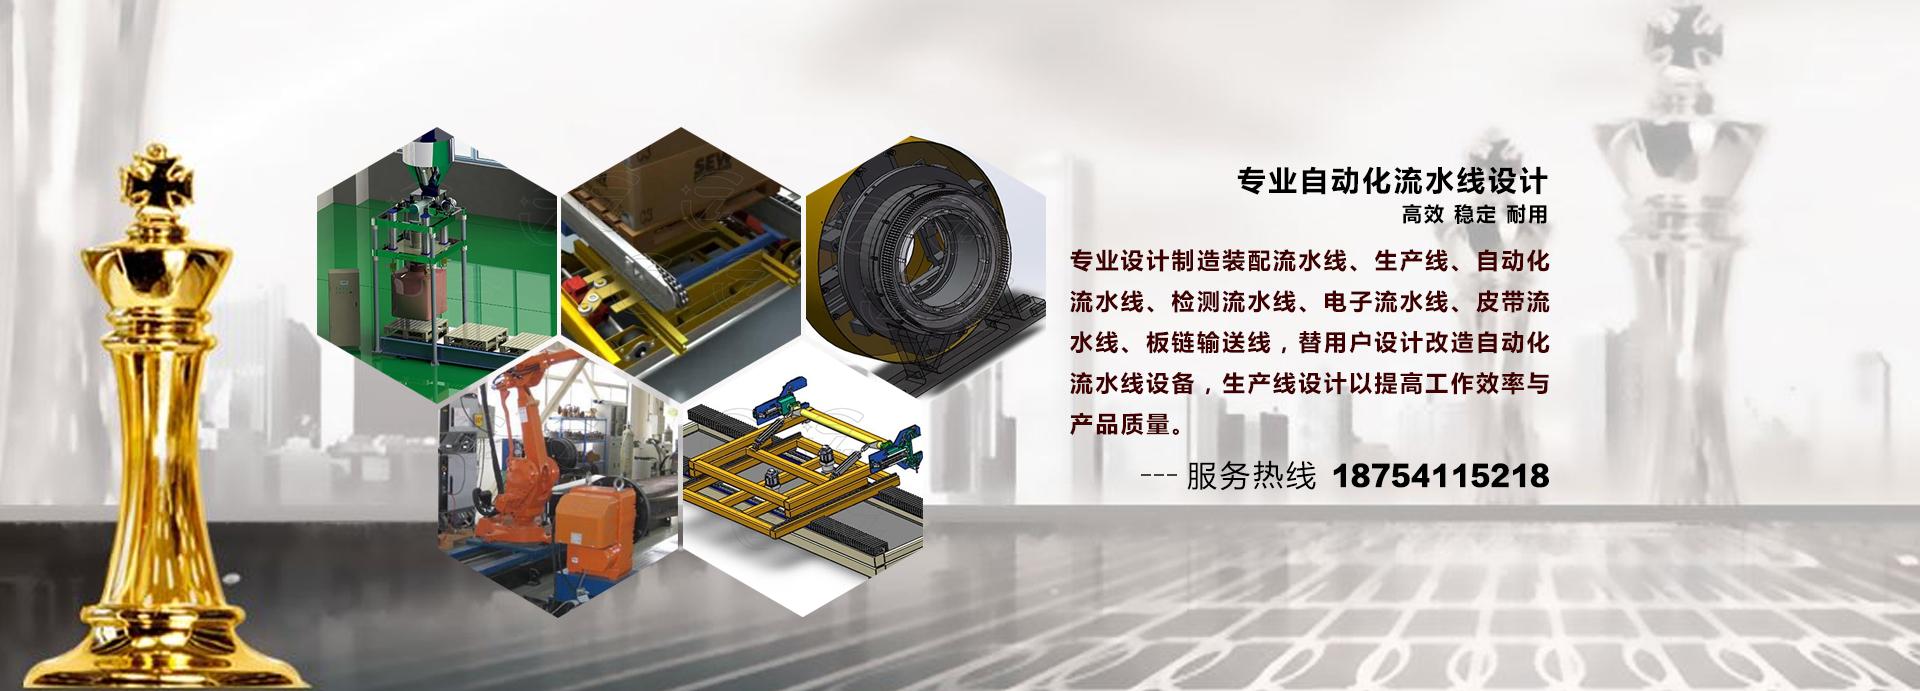 自动流水线设备设计